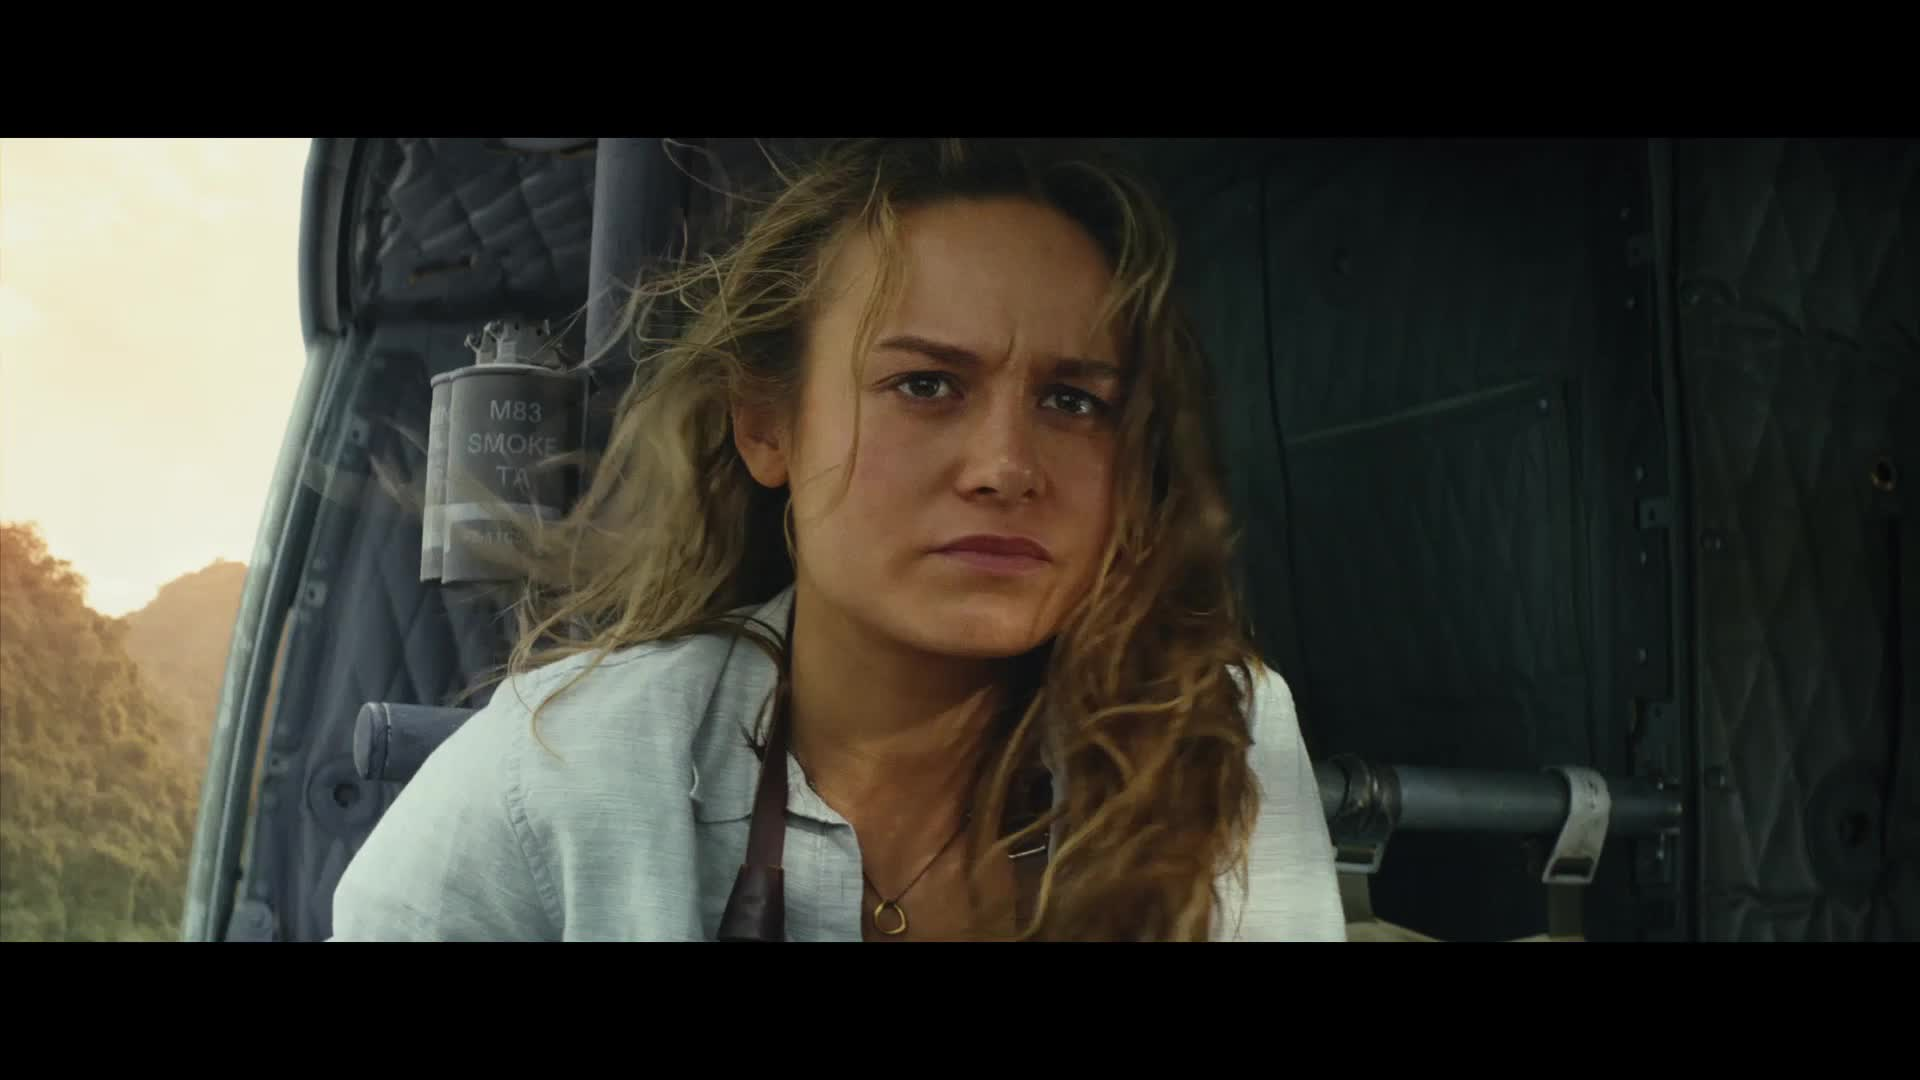 《金刚:骷髅岛》发预告海报 史上最大金刚手撕飞机